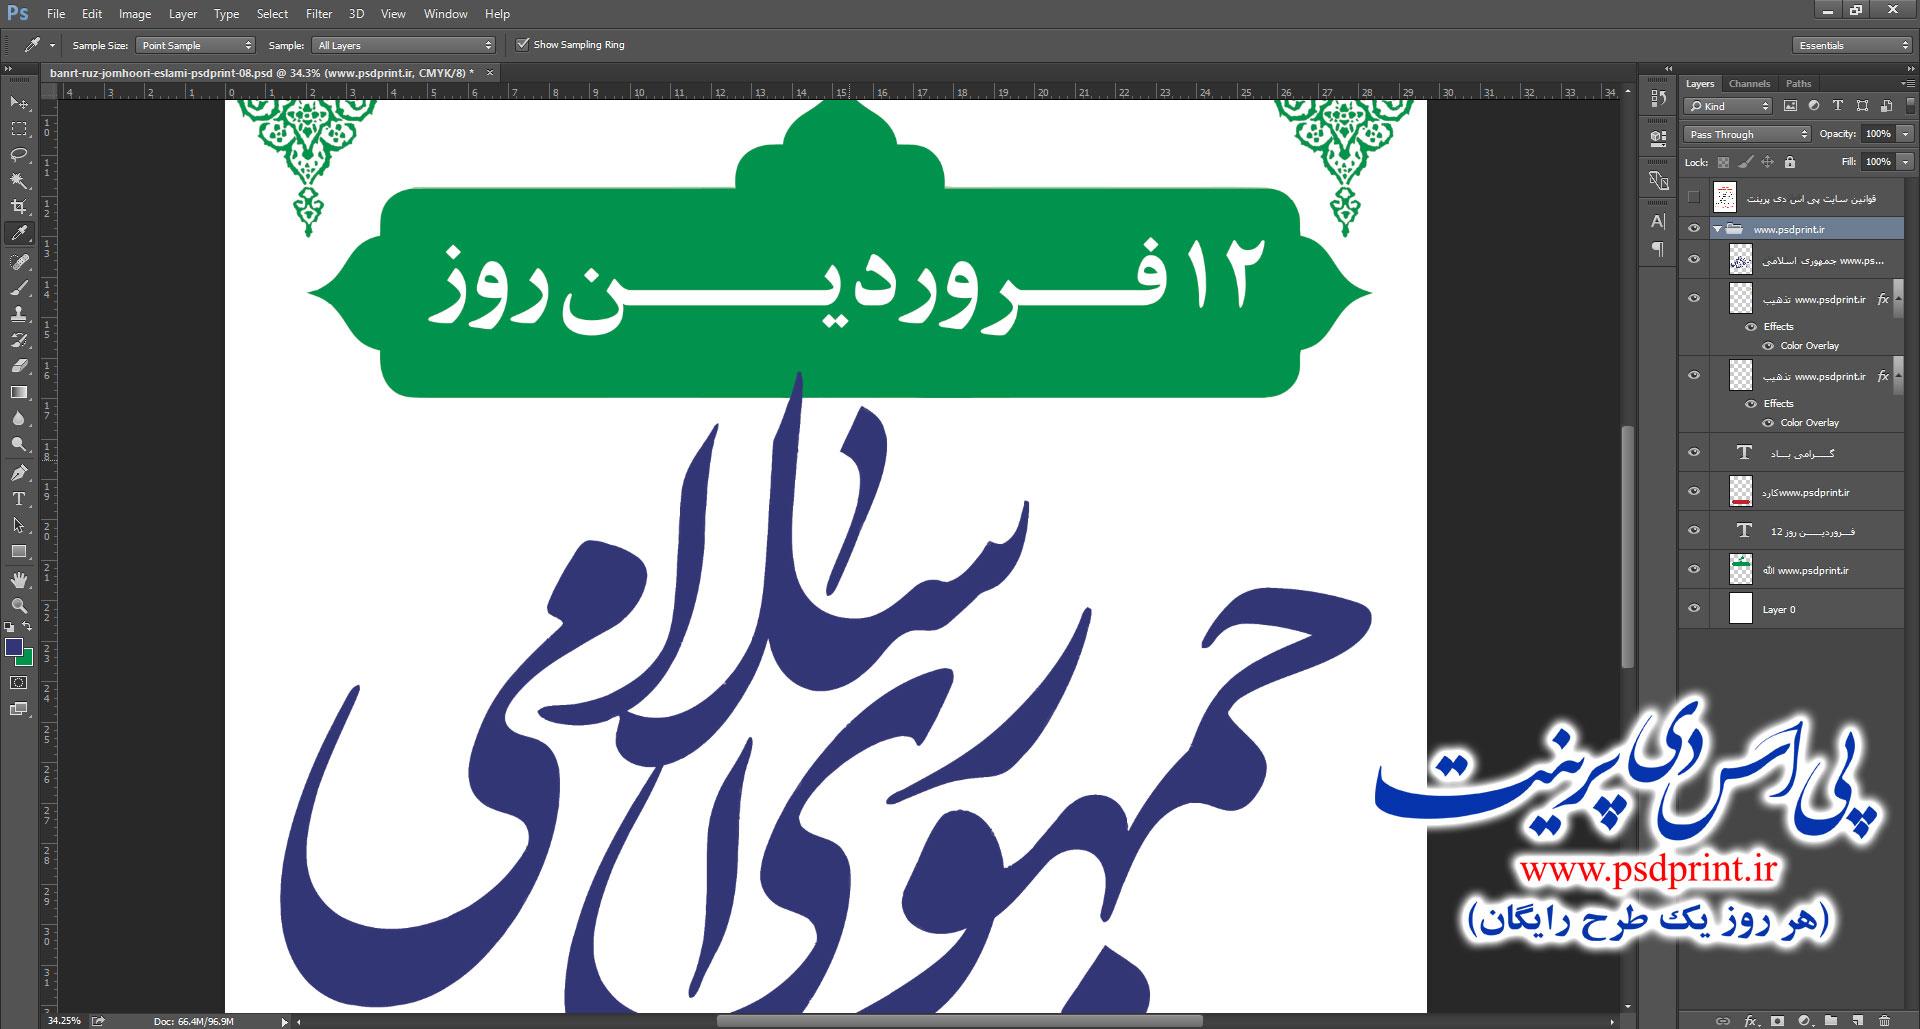 بنر رایگان روز جمهوری اسلامی لایه باز